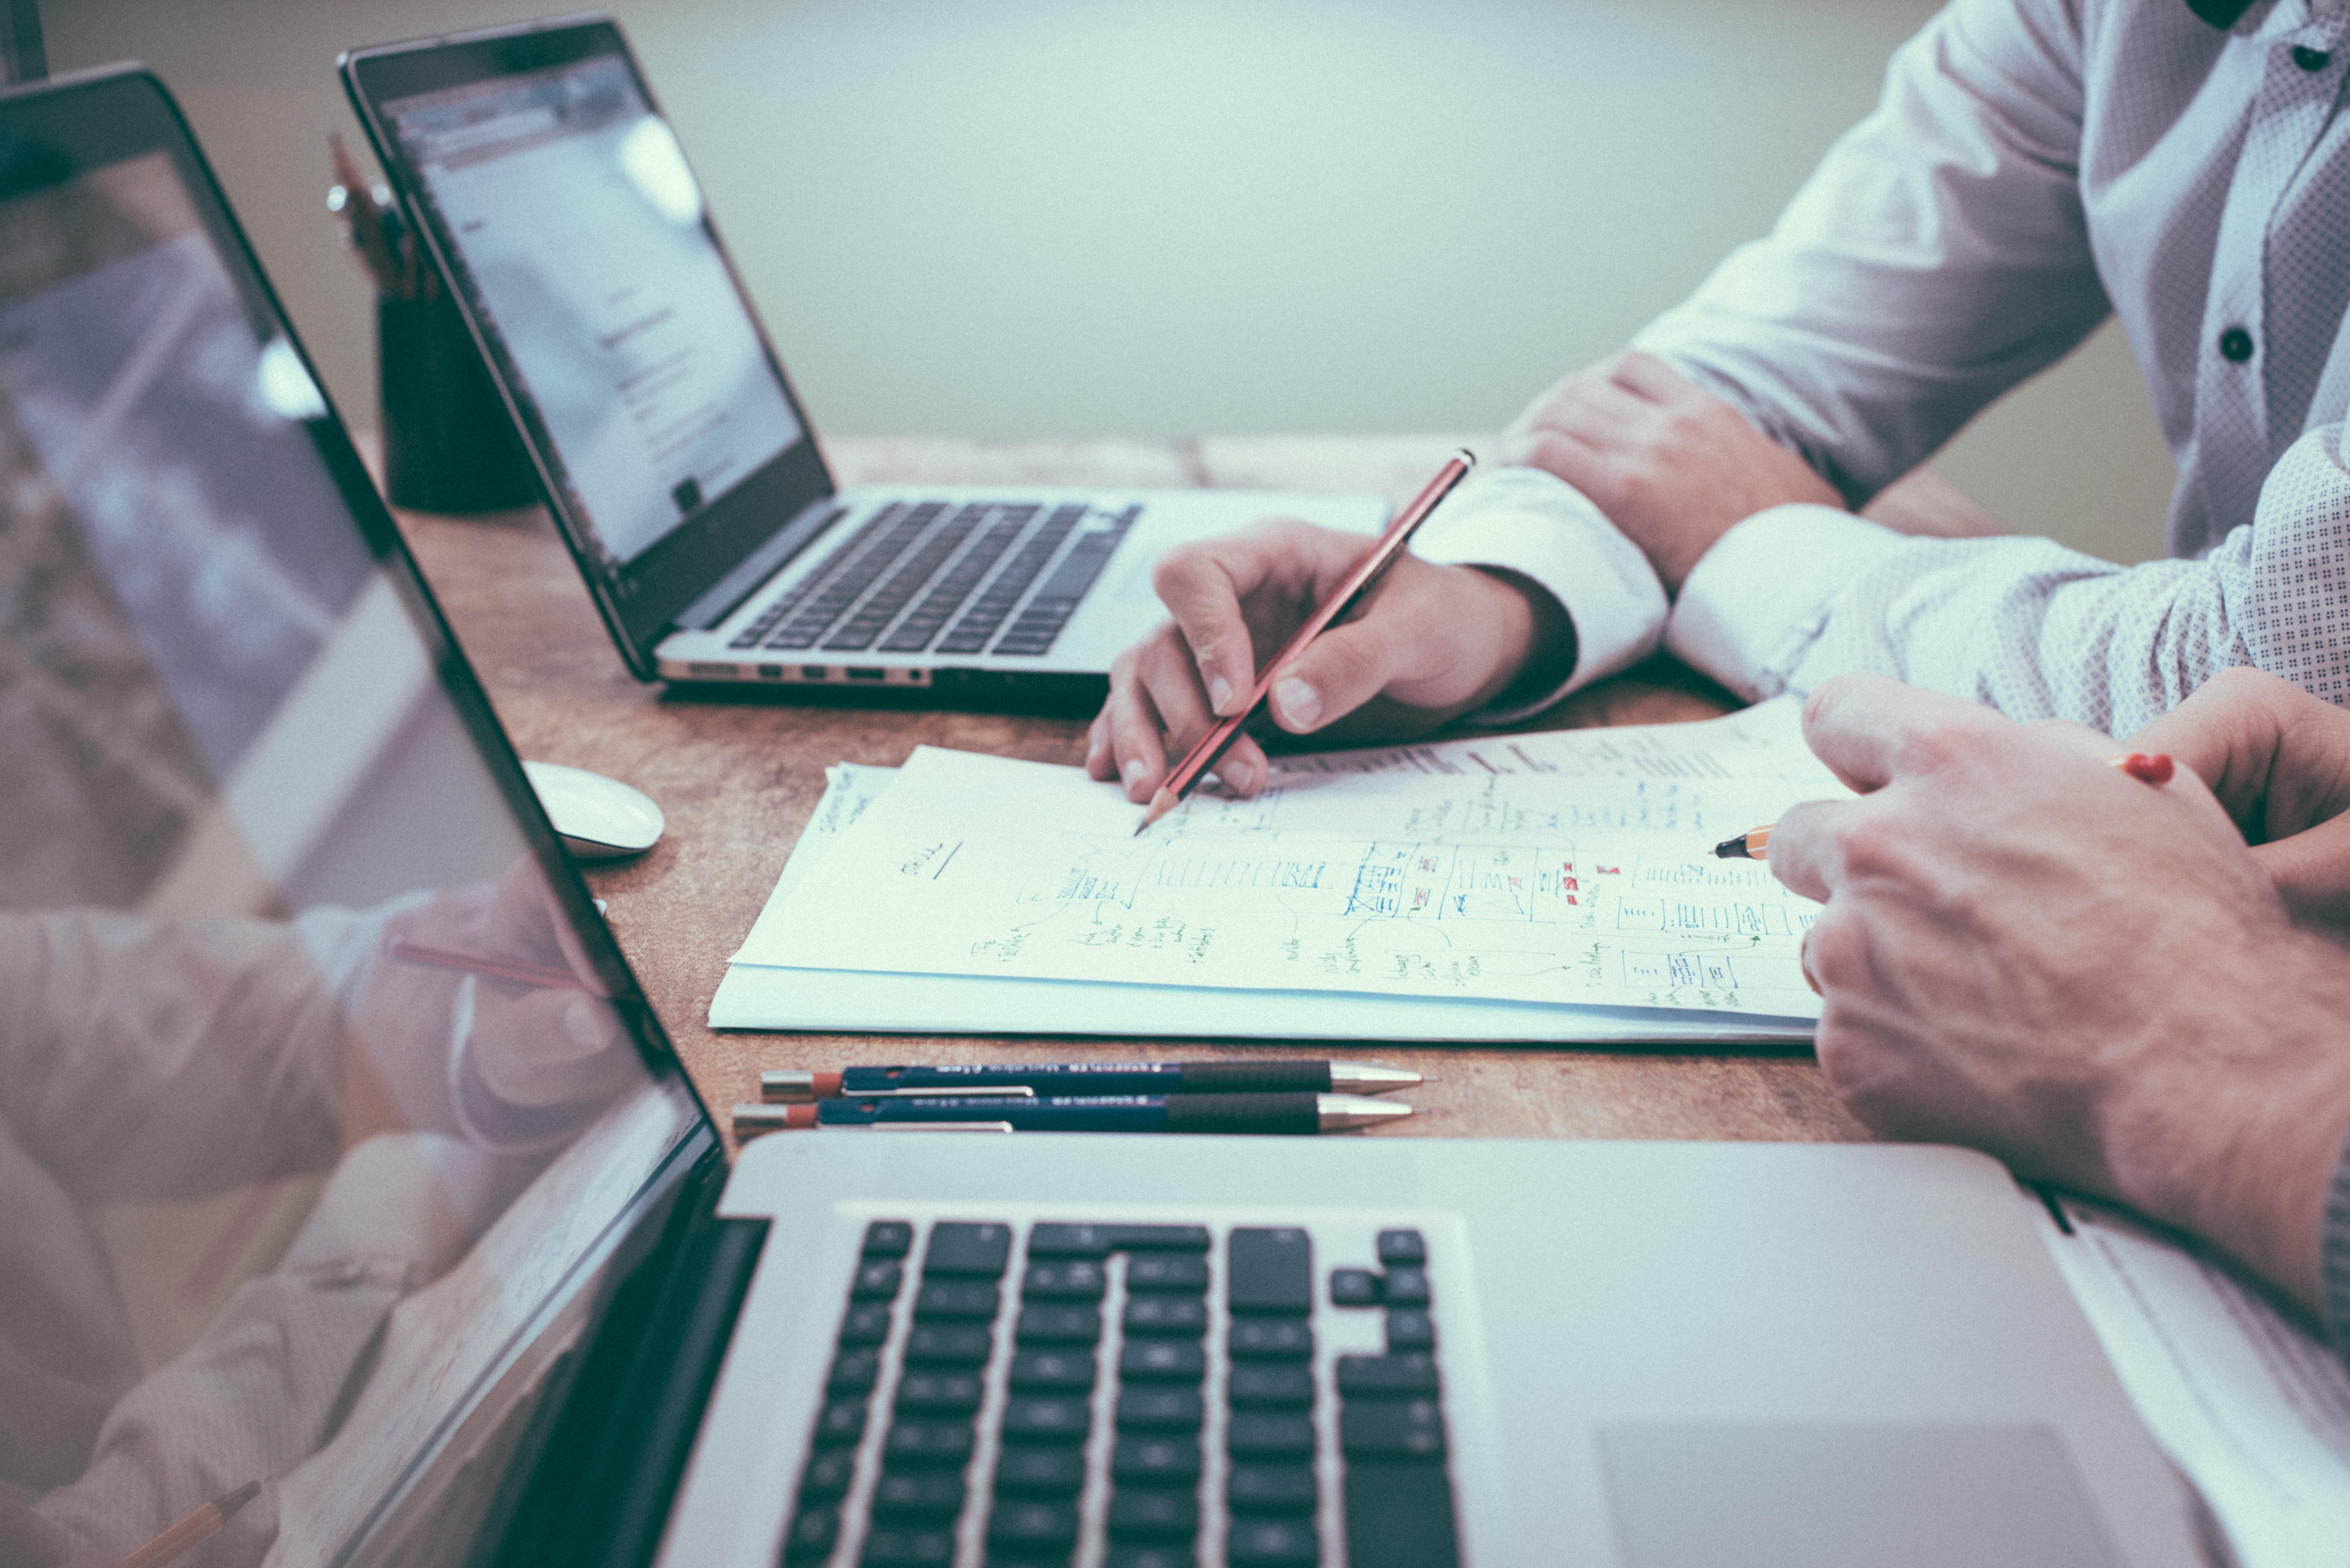 四柱推命で仕事を調べる方法について、わかりやすく解説!